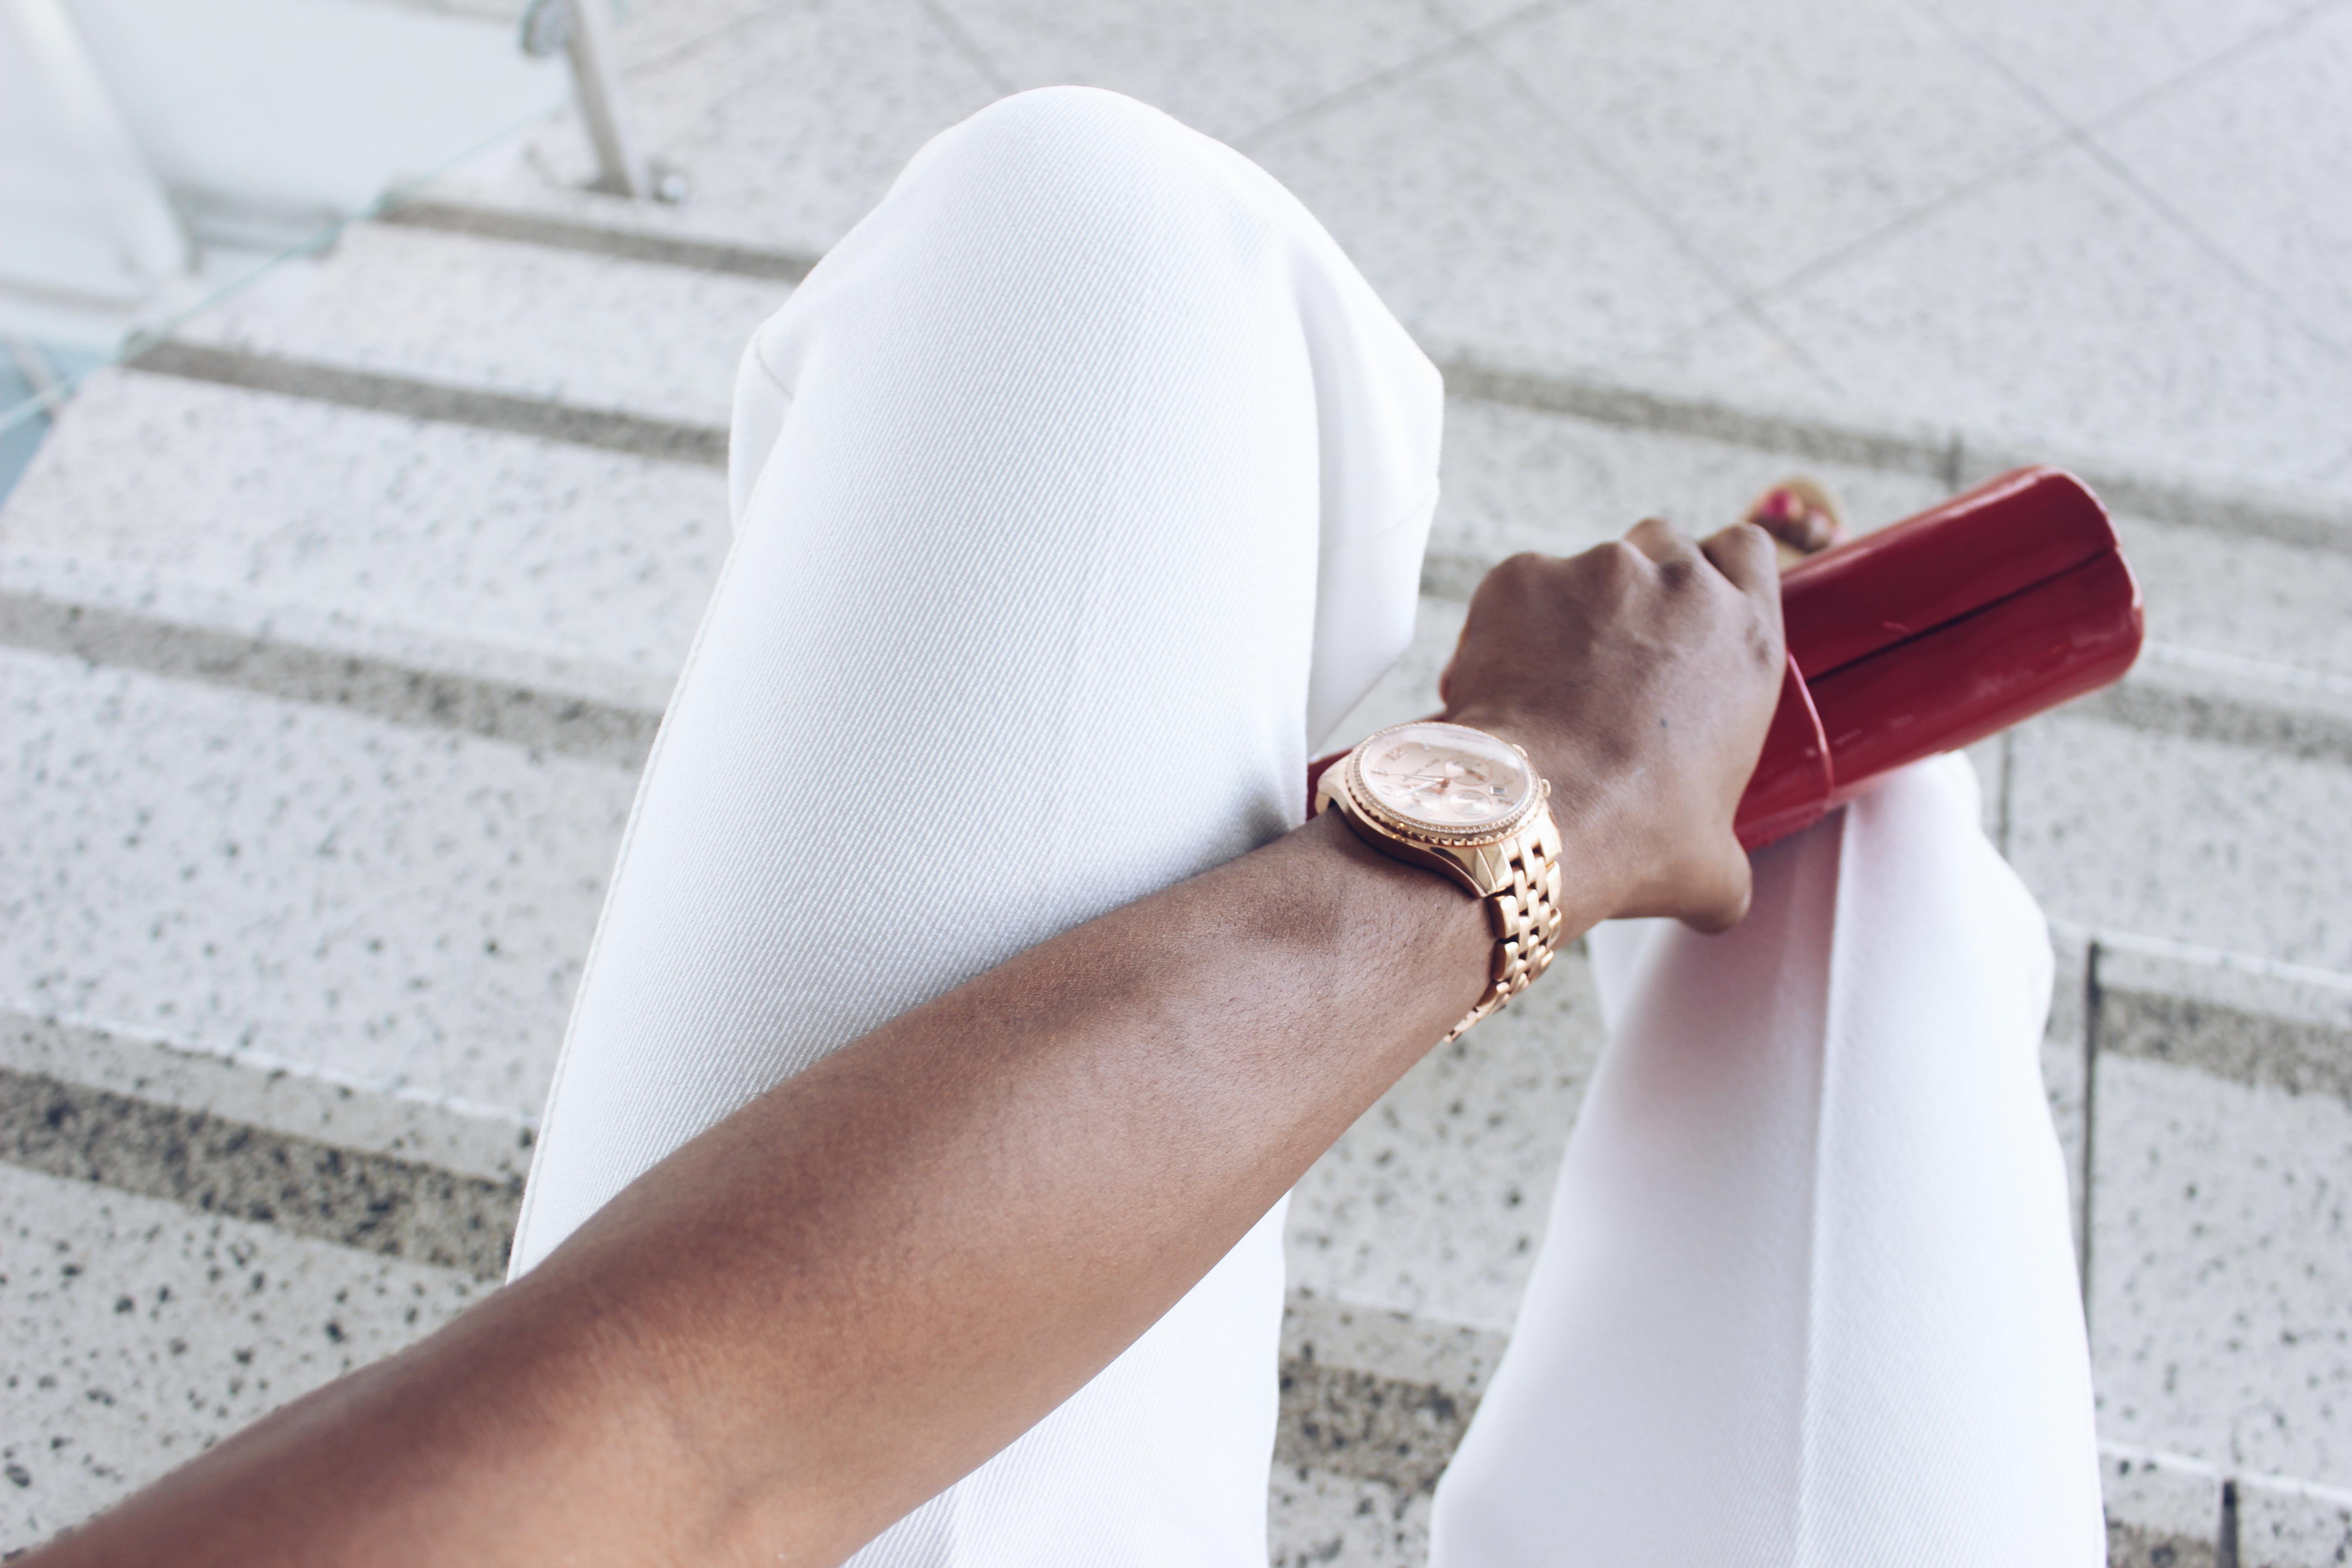 MK wristwatch